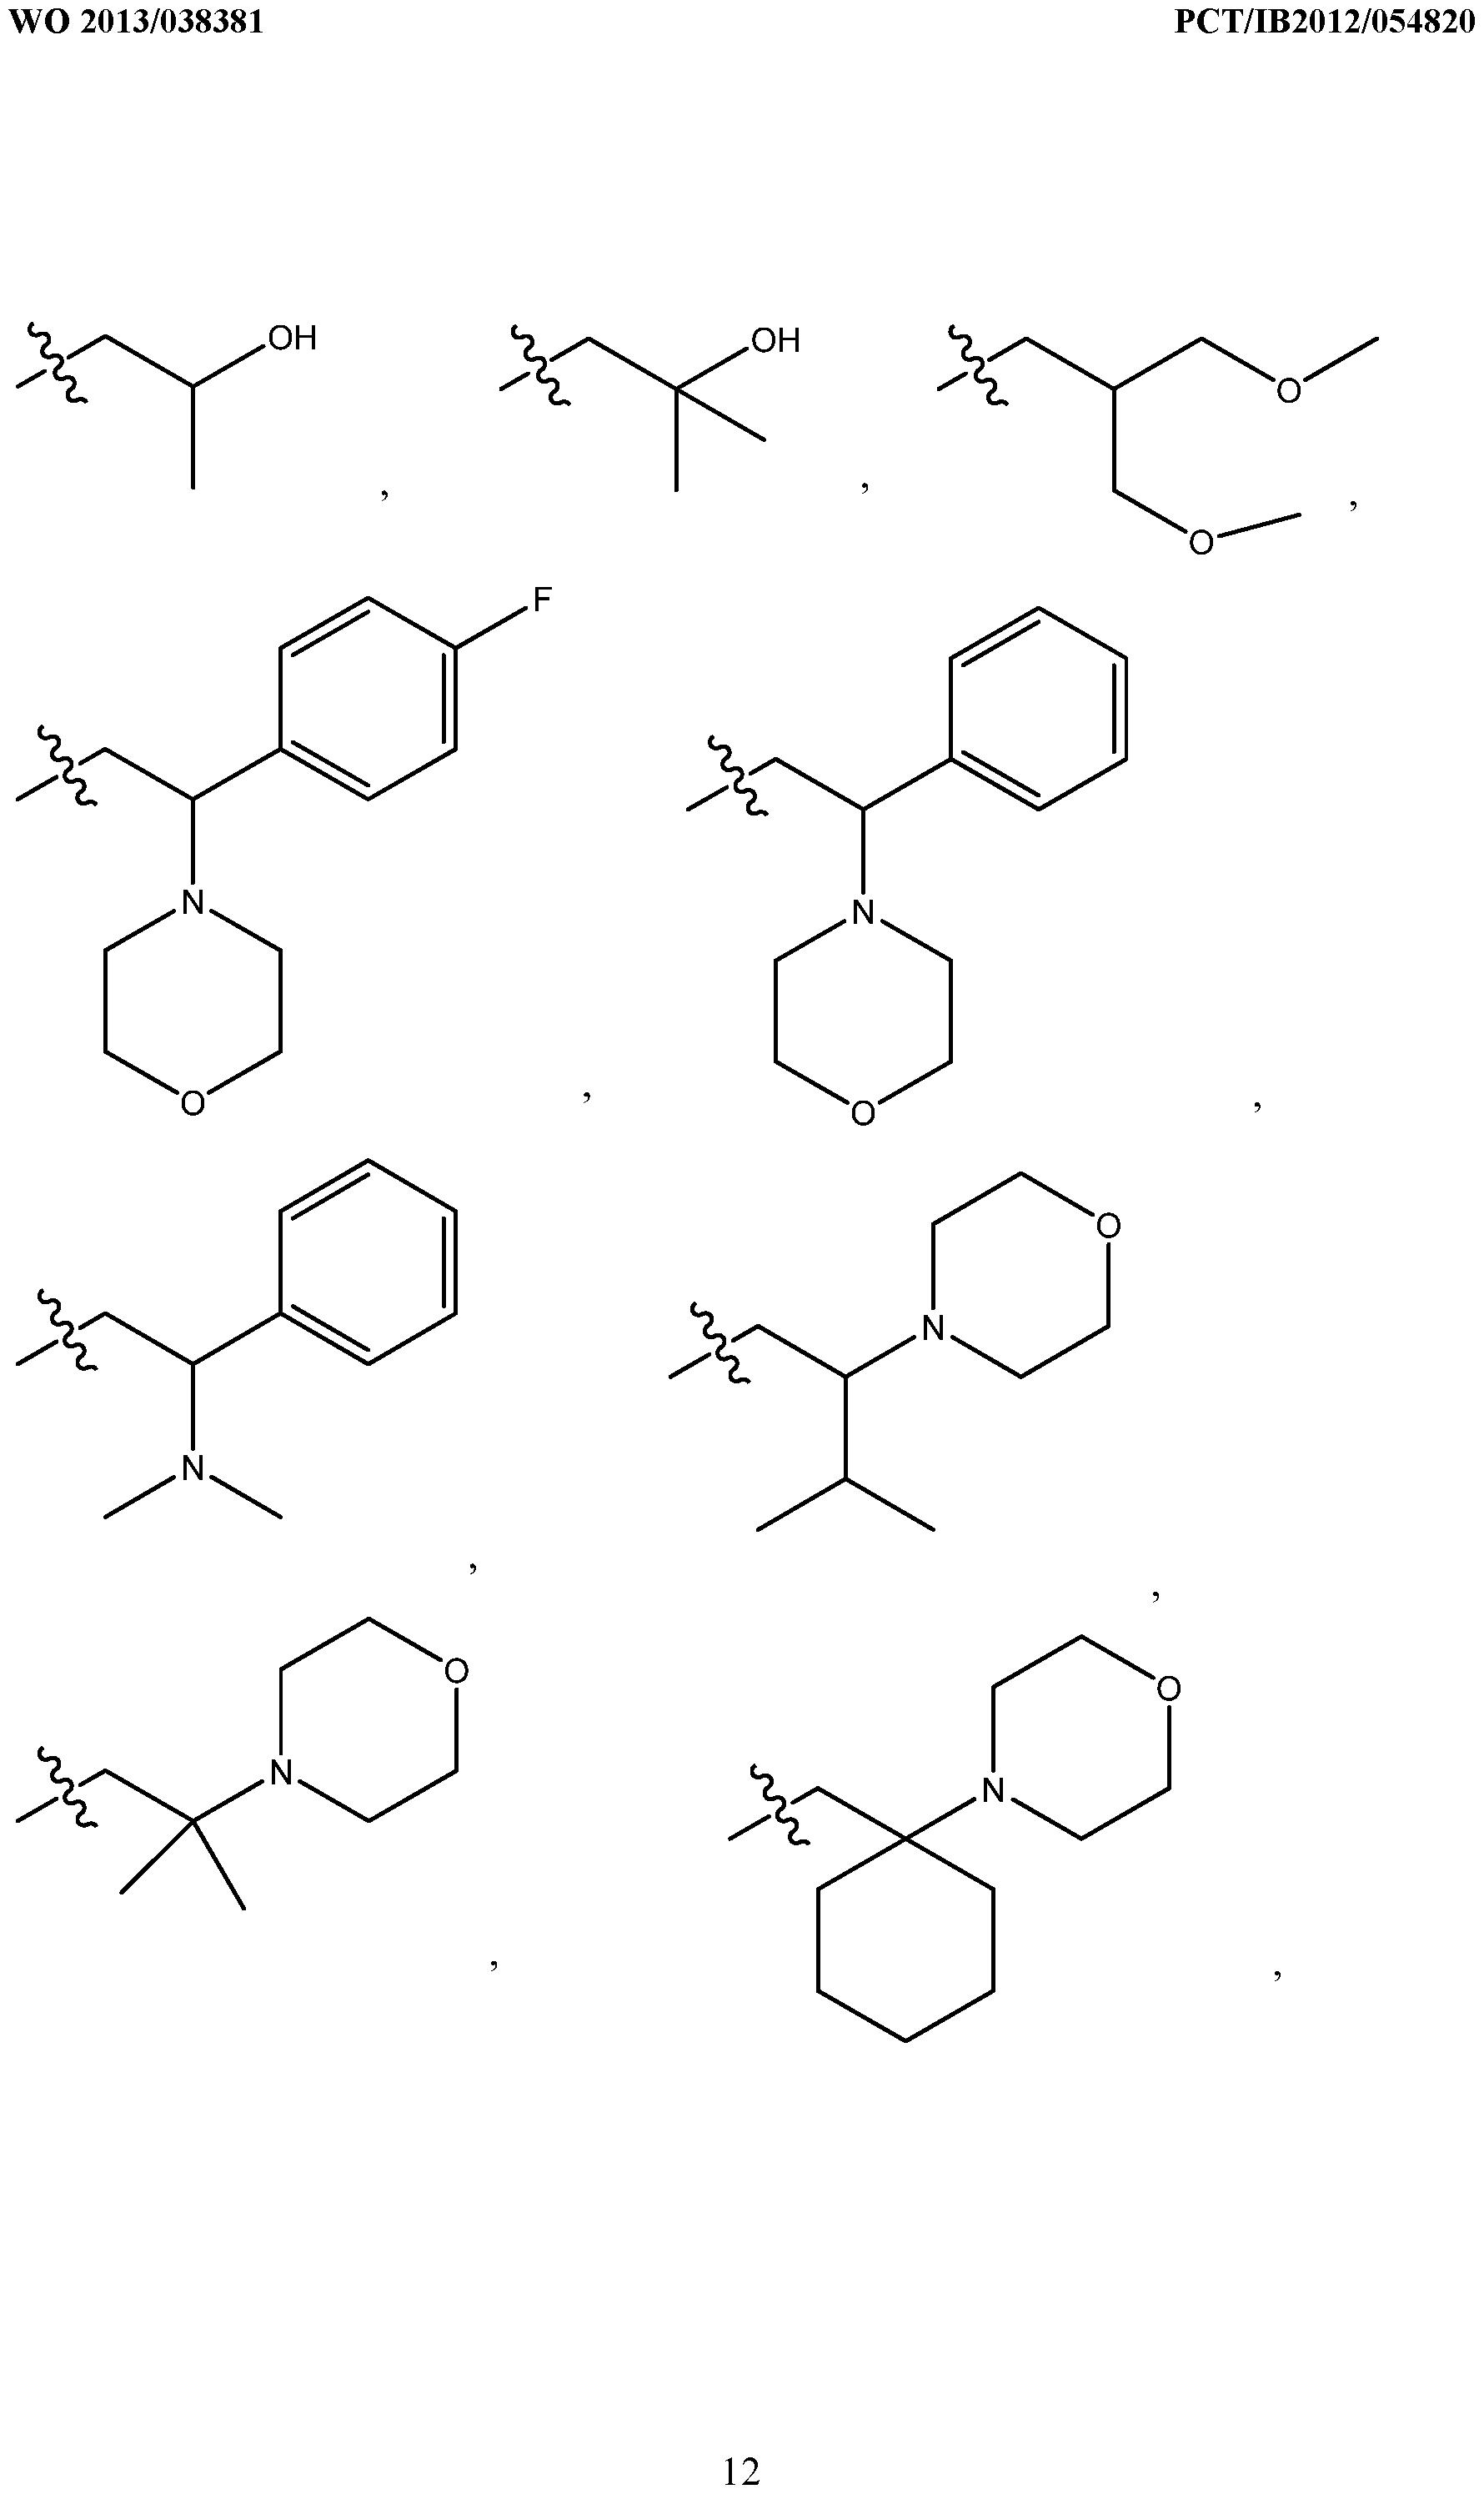 Figure imgf000013_0001